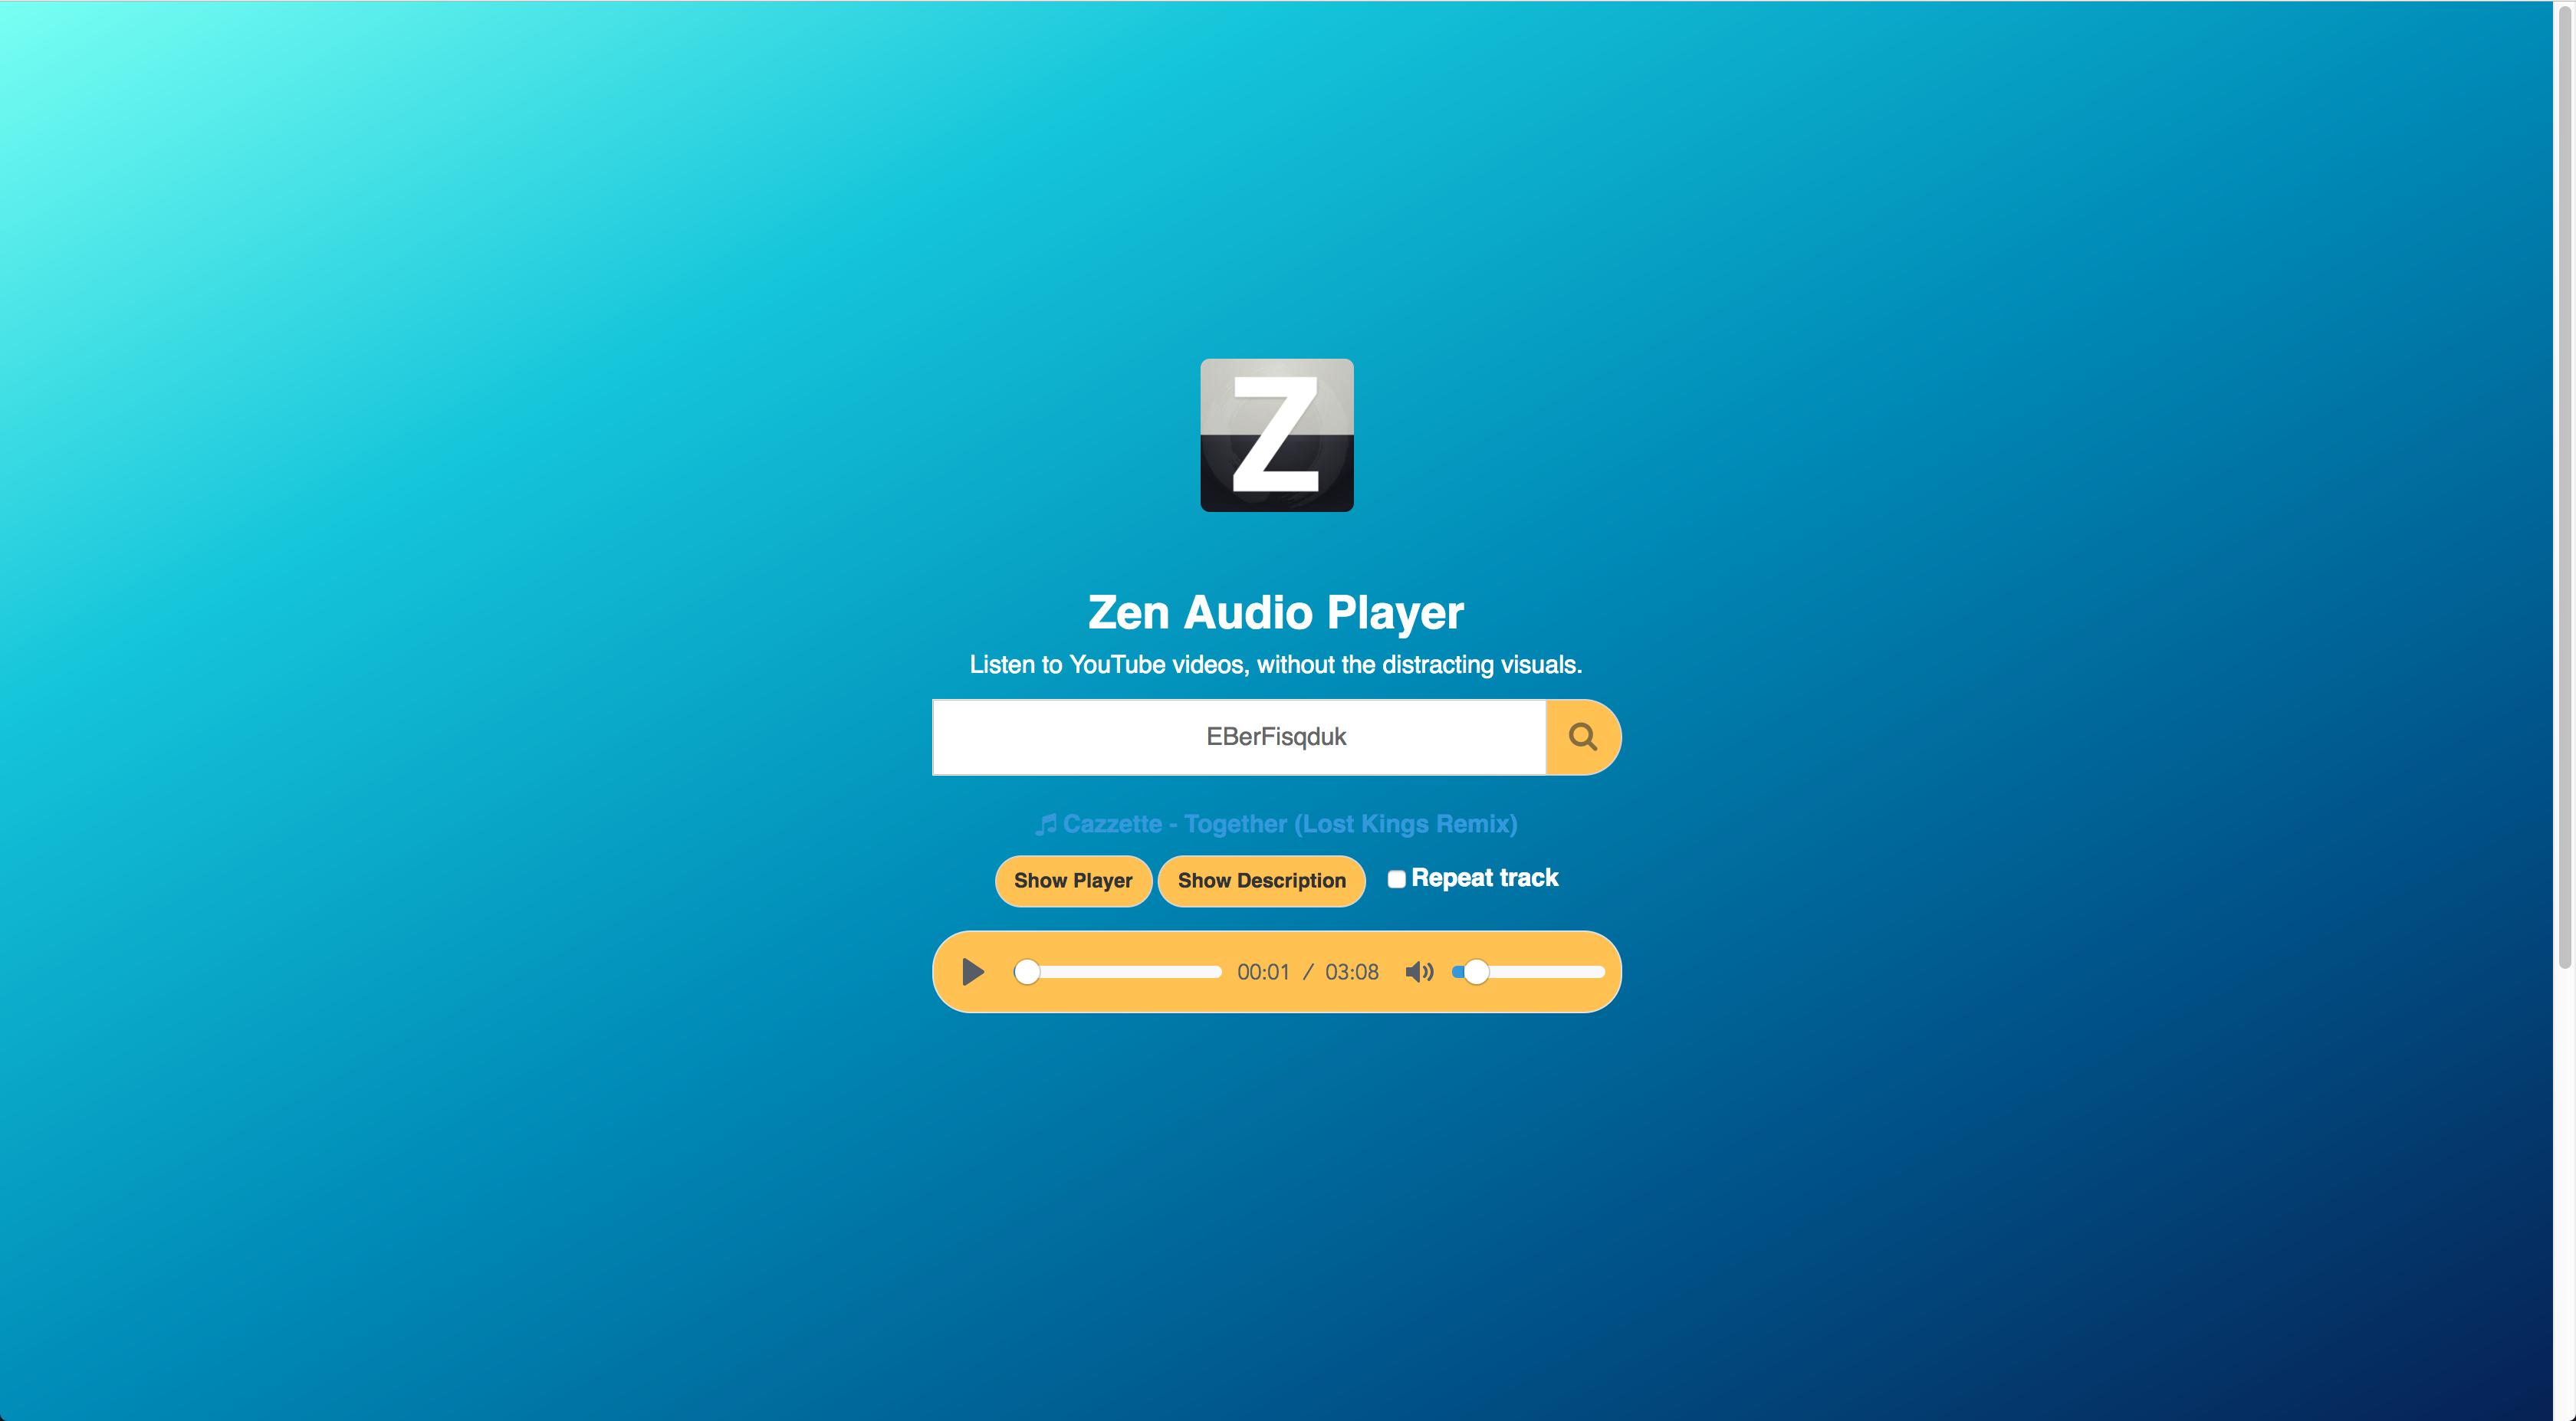 zen audio player